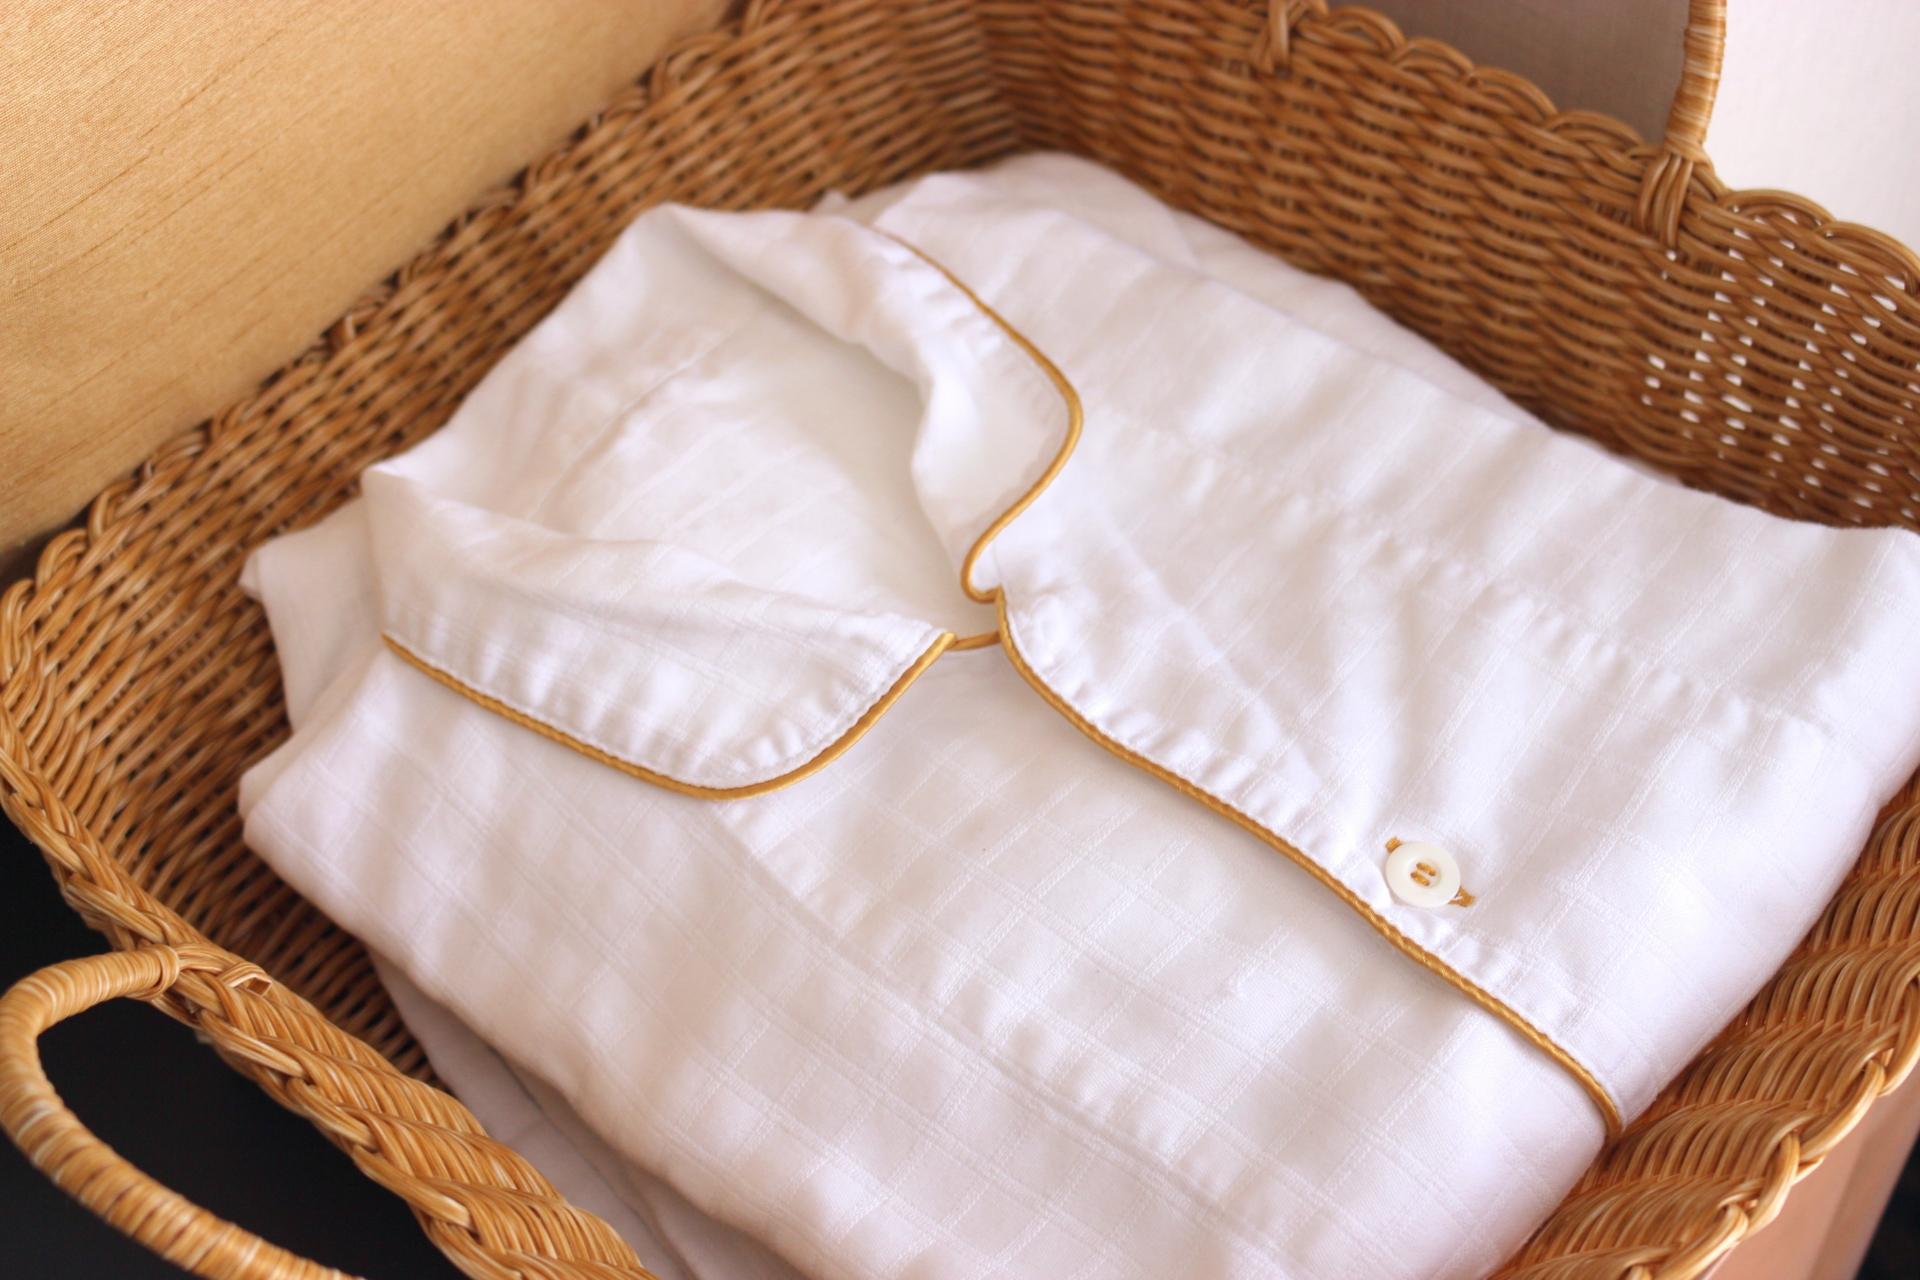 レディースパジャマのおすすめ13選!素材の特徴や季節別の選び方も